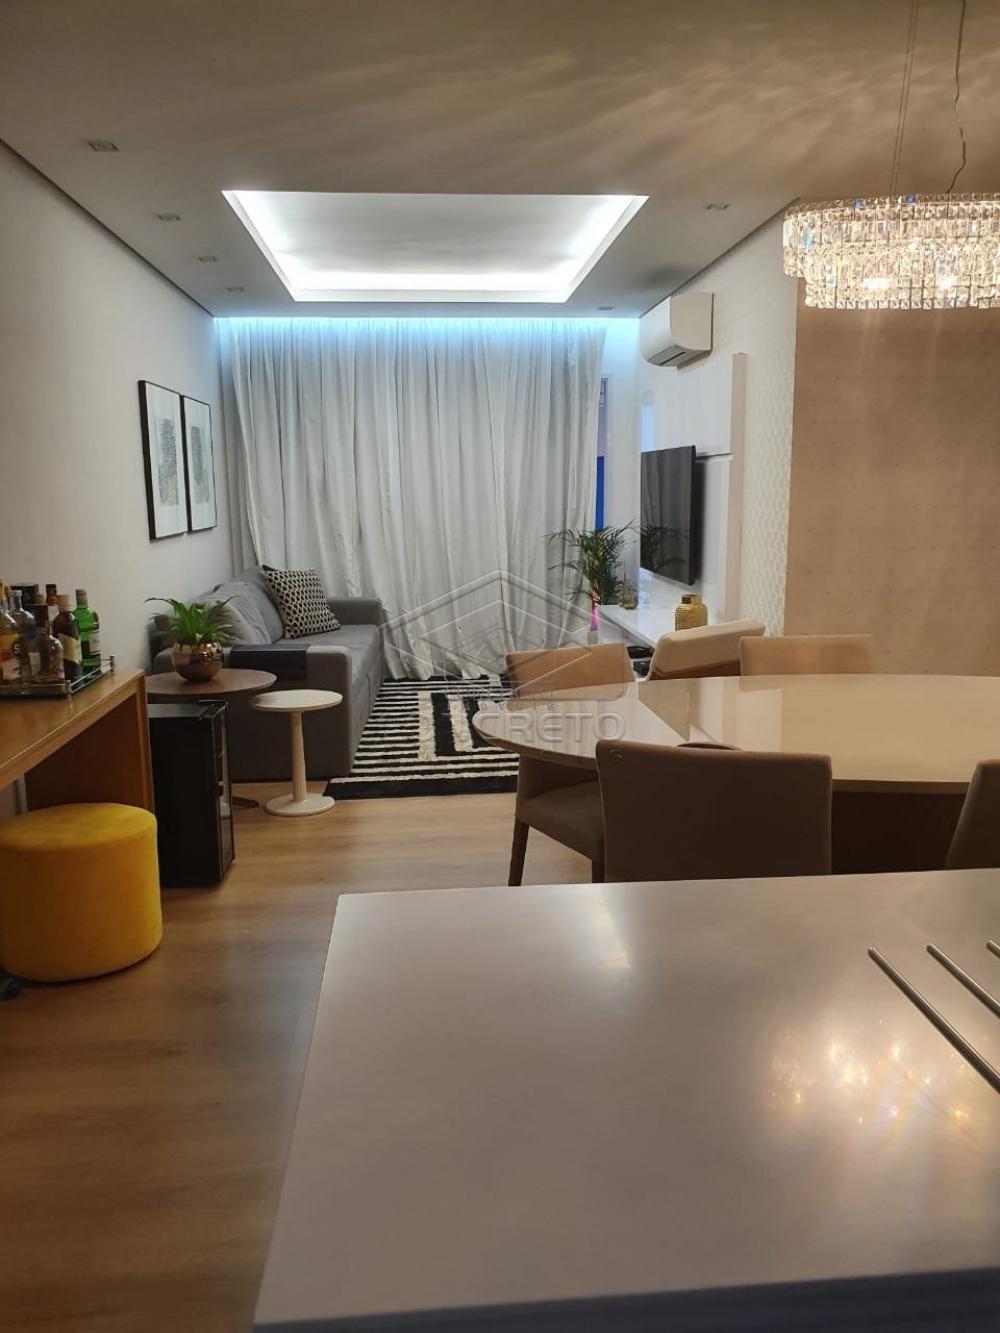 Comprar Apartamento / Padrão em Bauru R$ 660.000,00 - Foto 17